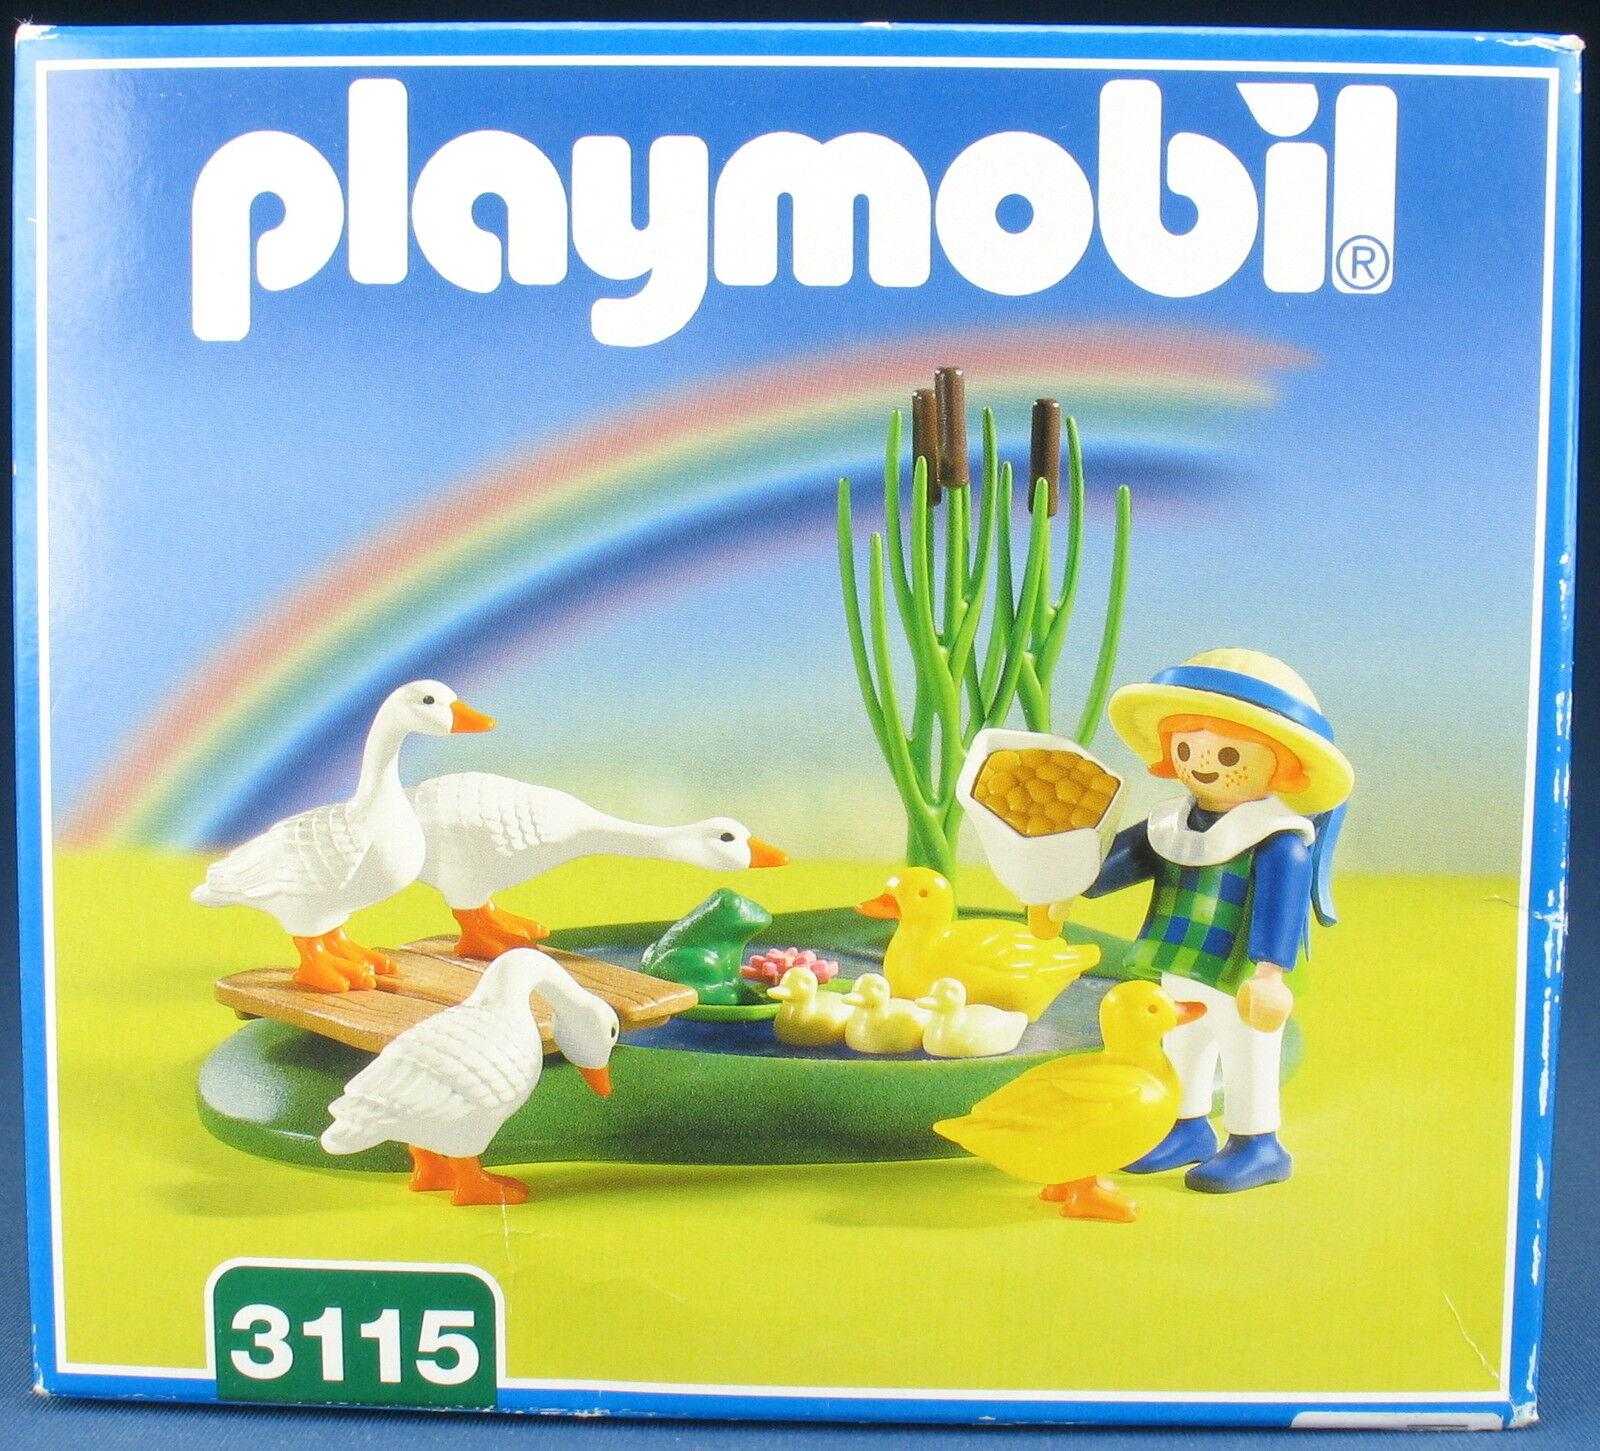 PLAYMOBIL 3115 - Mädchen mit Teich und und und Gänsen - 2001 - NEU & OVP - New MISB 30b404